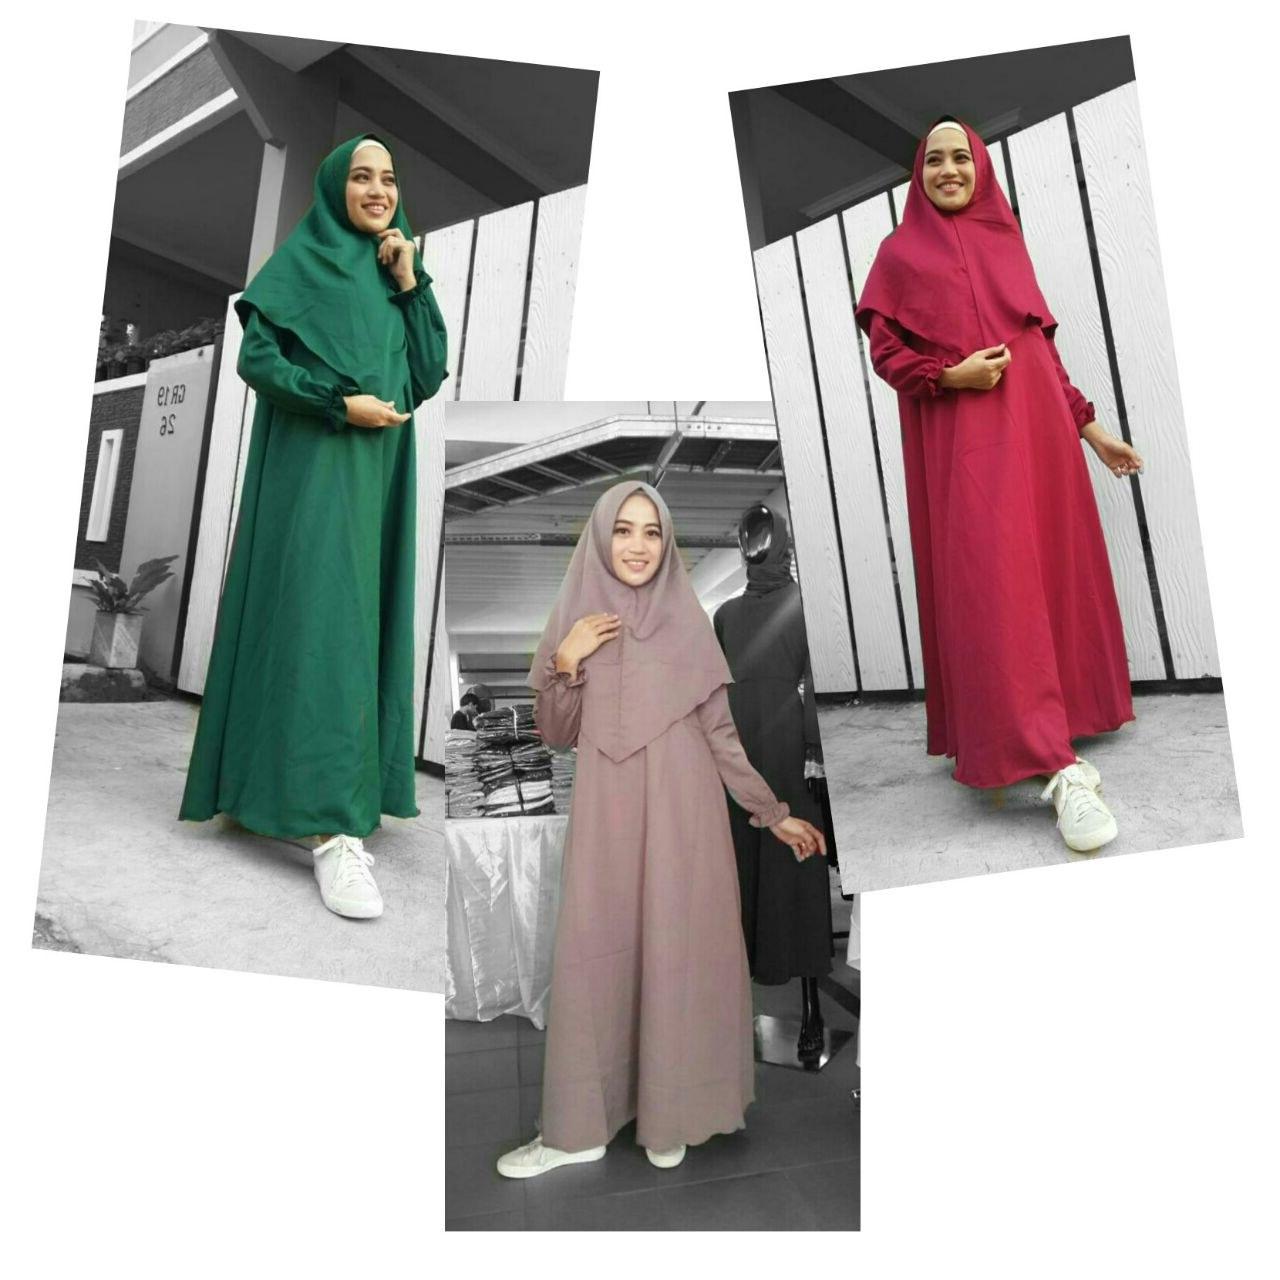 Design Baju Lebaran Terbaru Tanah Abang Xtd6 Jual Baju Gamis Madina Syar'i Flash Crepe Polos Sn1685